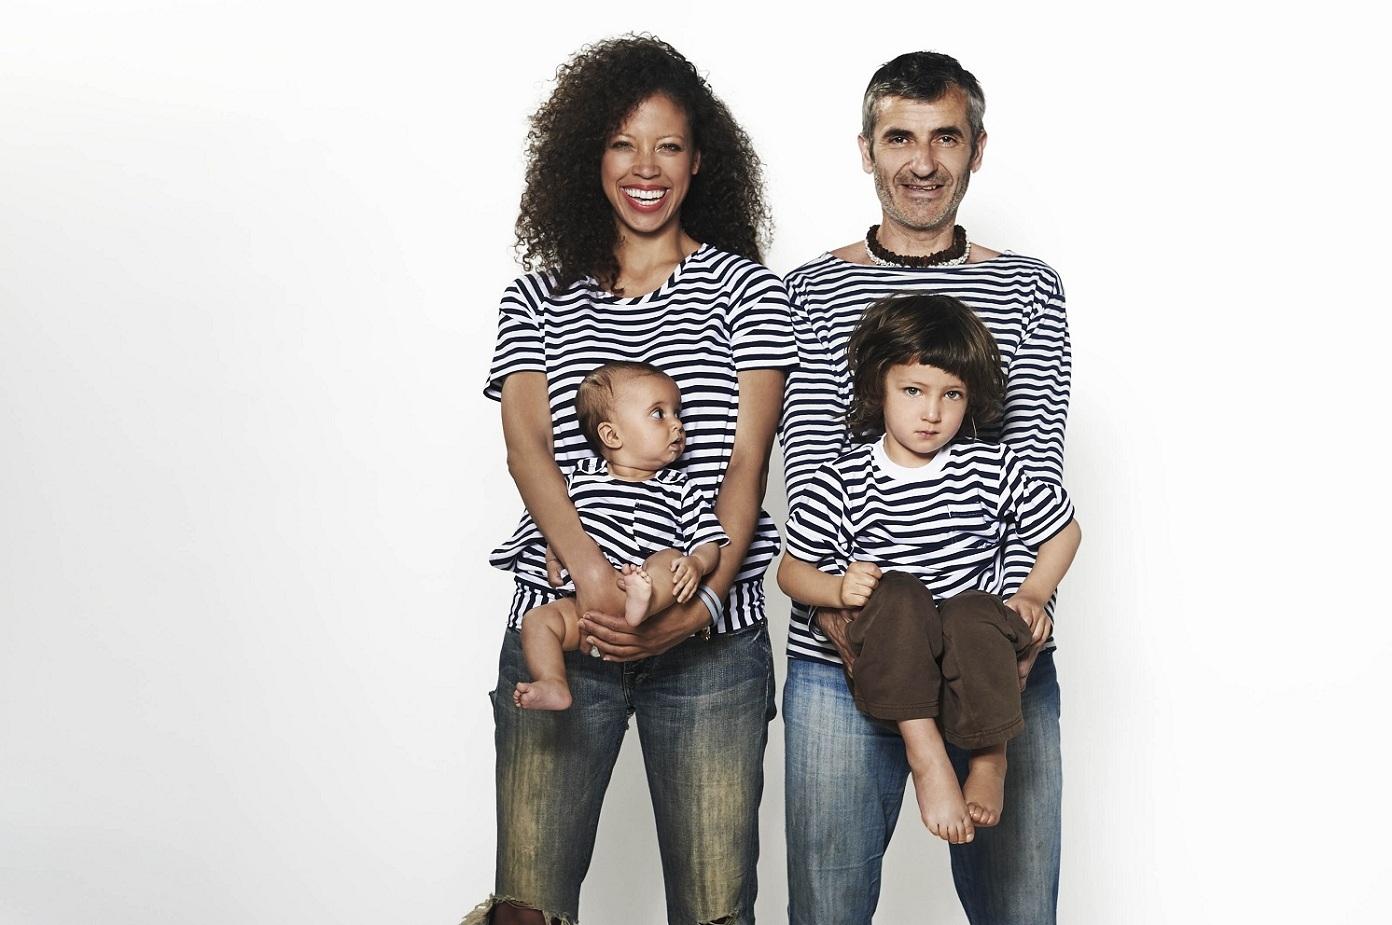 Irek Ciara z rodziną (fot. archiwum prywatne)